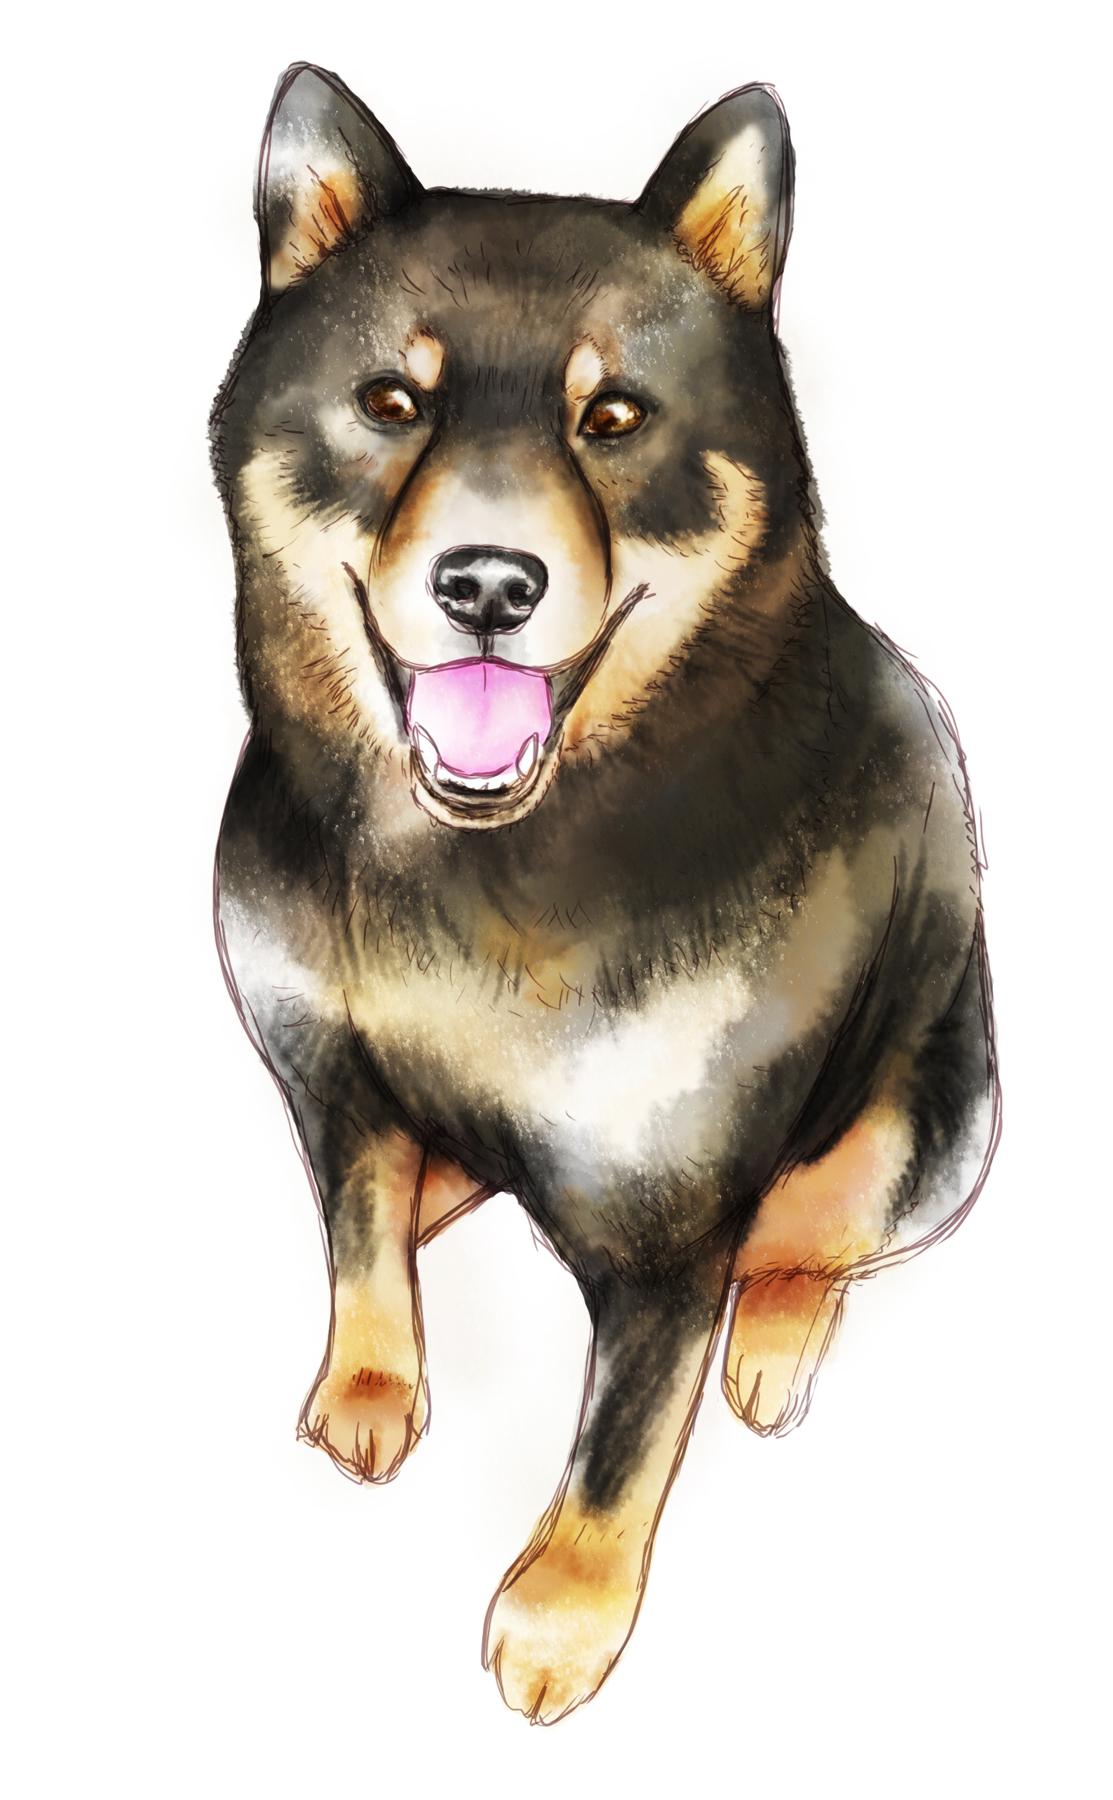 レビー小体型認知症により犬の幻覚が見える女性への対応